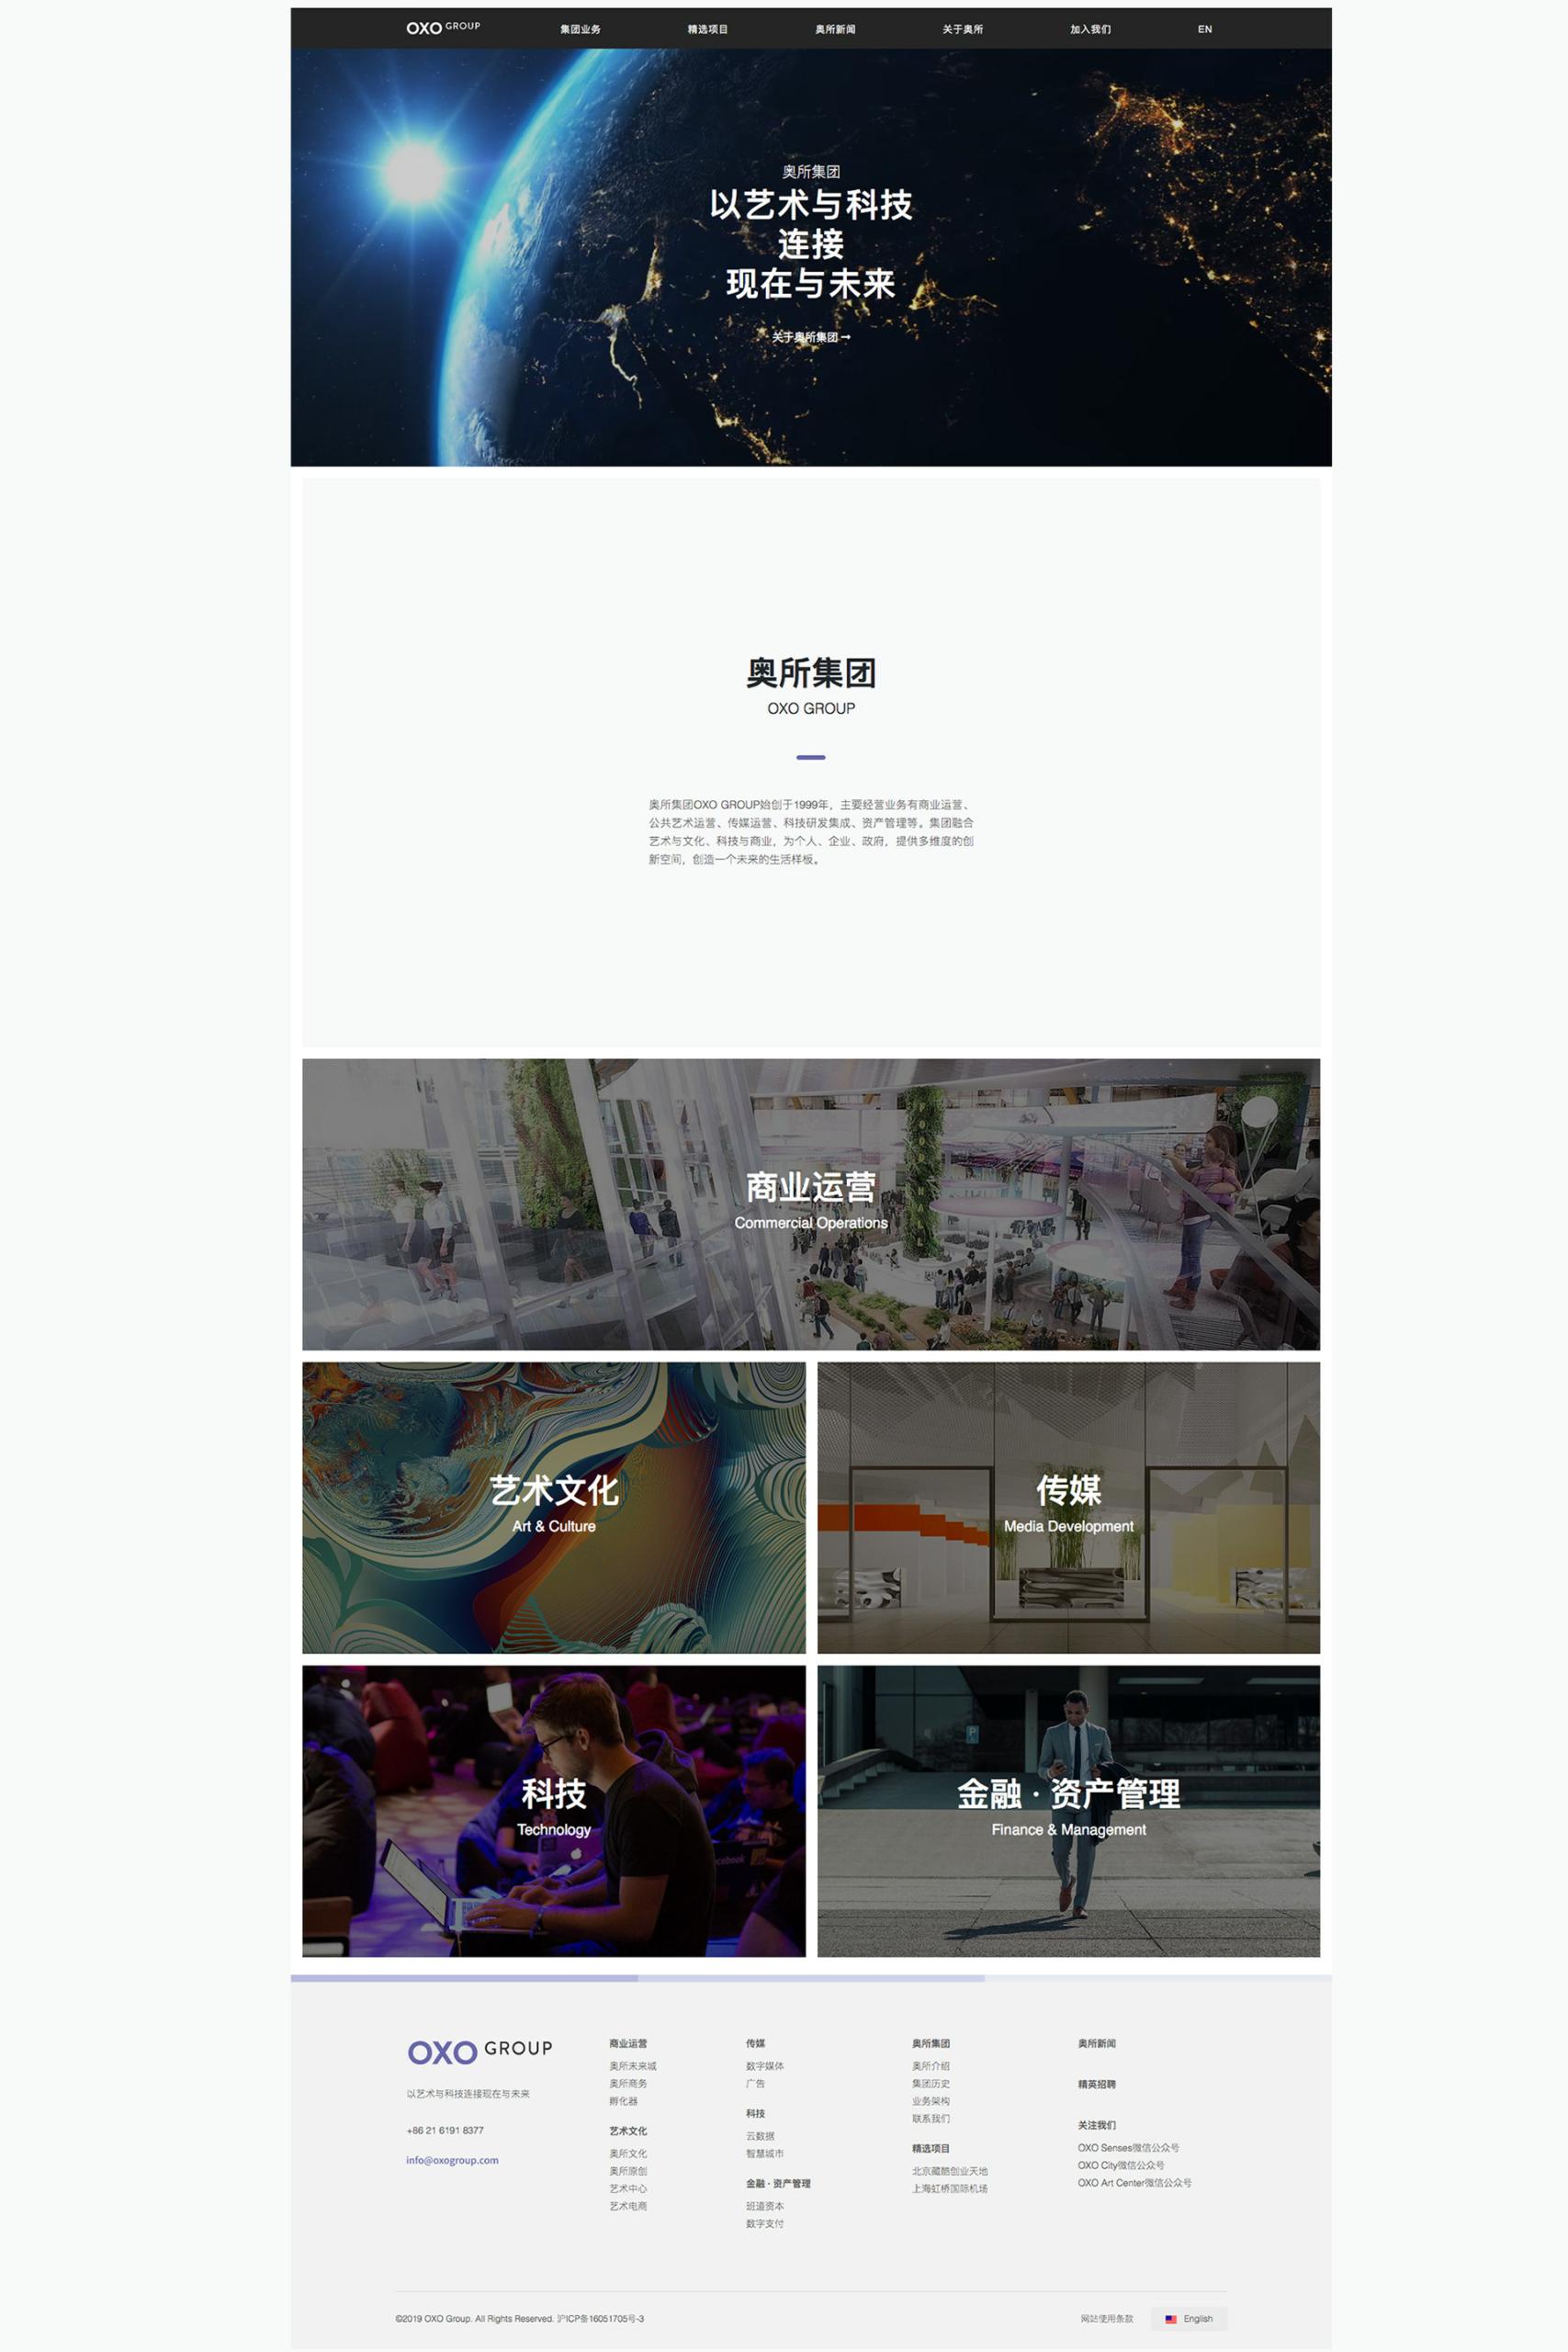 homepage full design